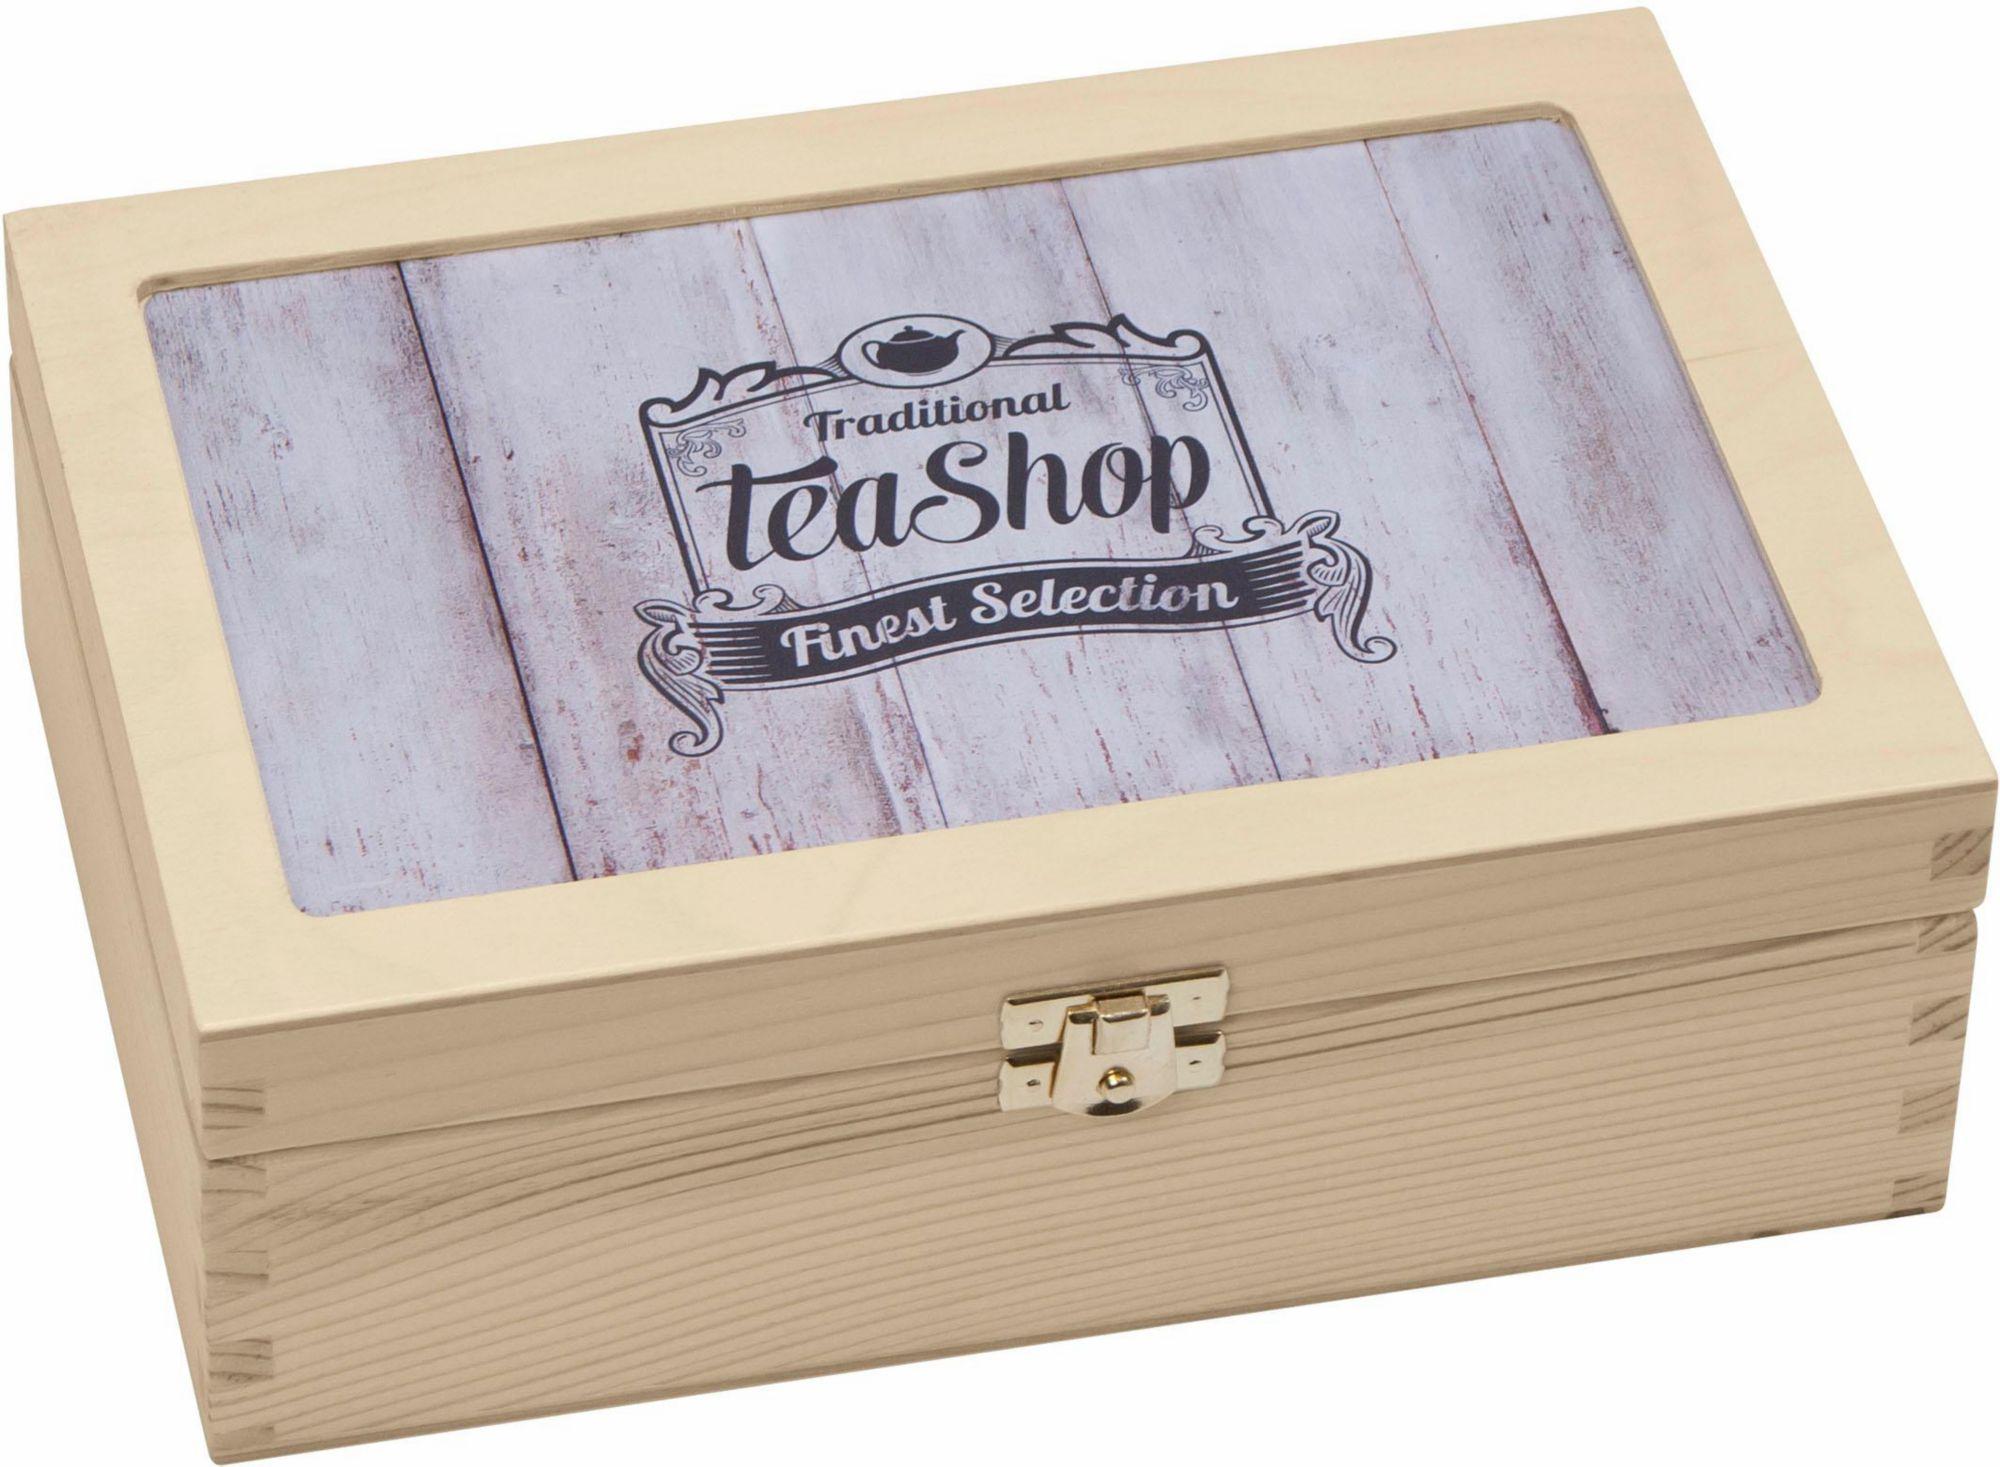 CONTENTO Contento Teebox »Traditional Tea-Shop Finest Selection«, Holz